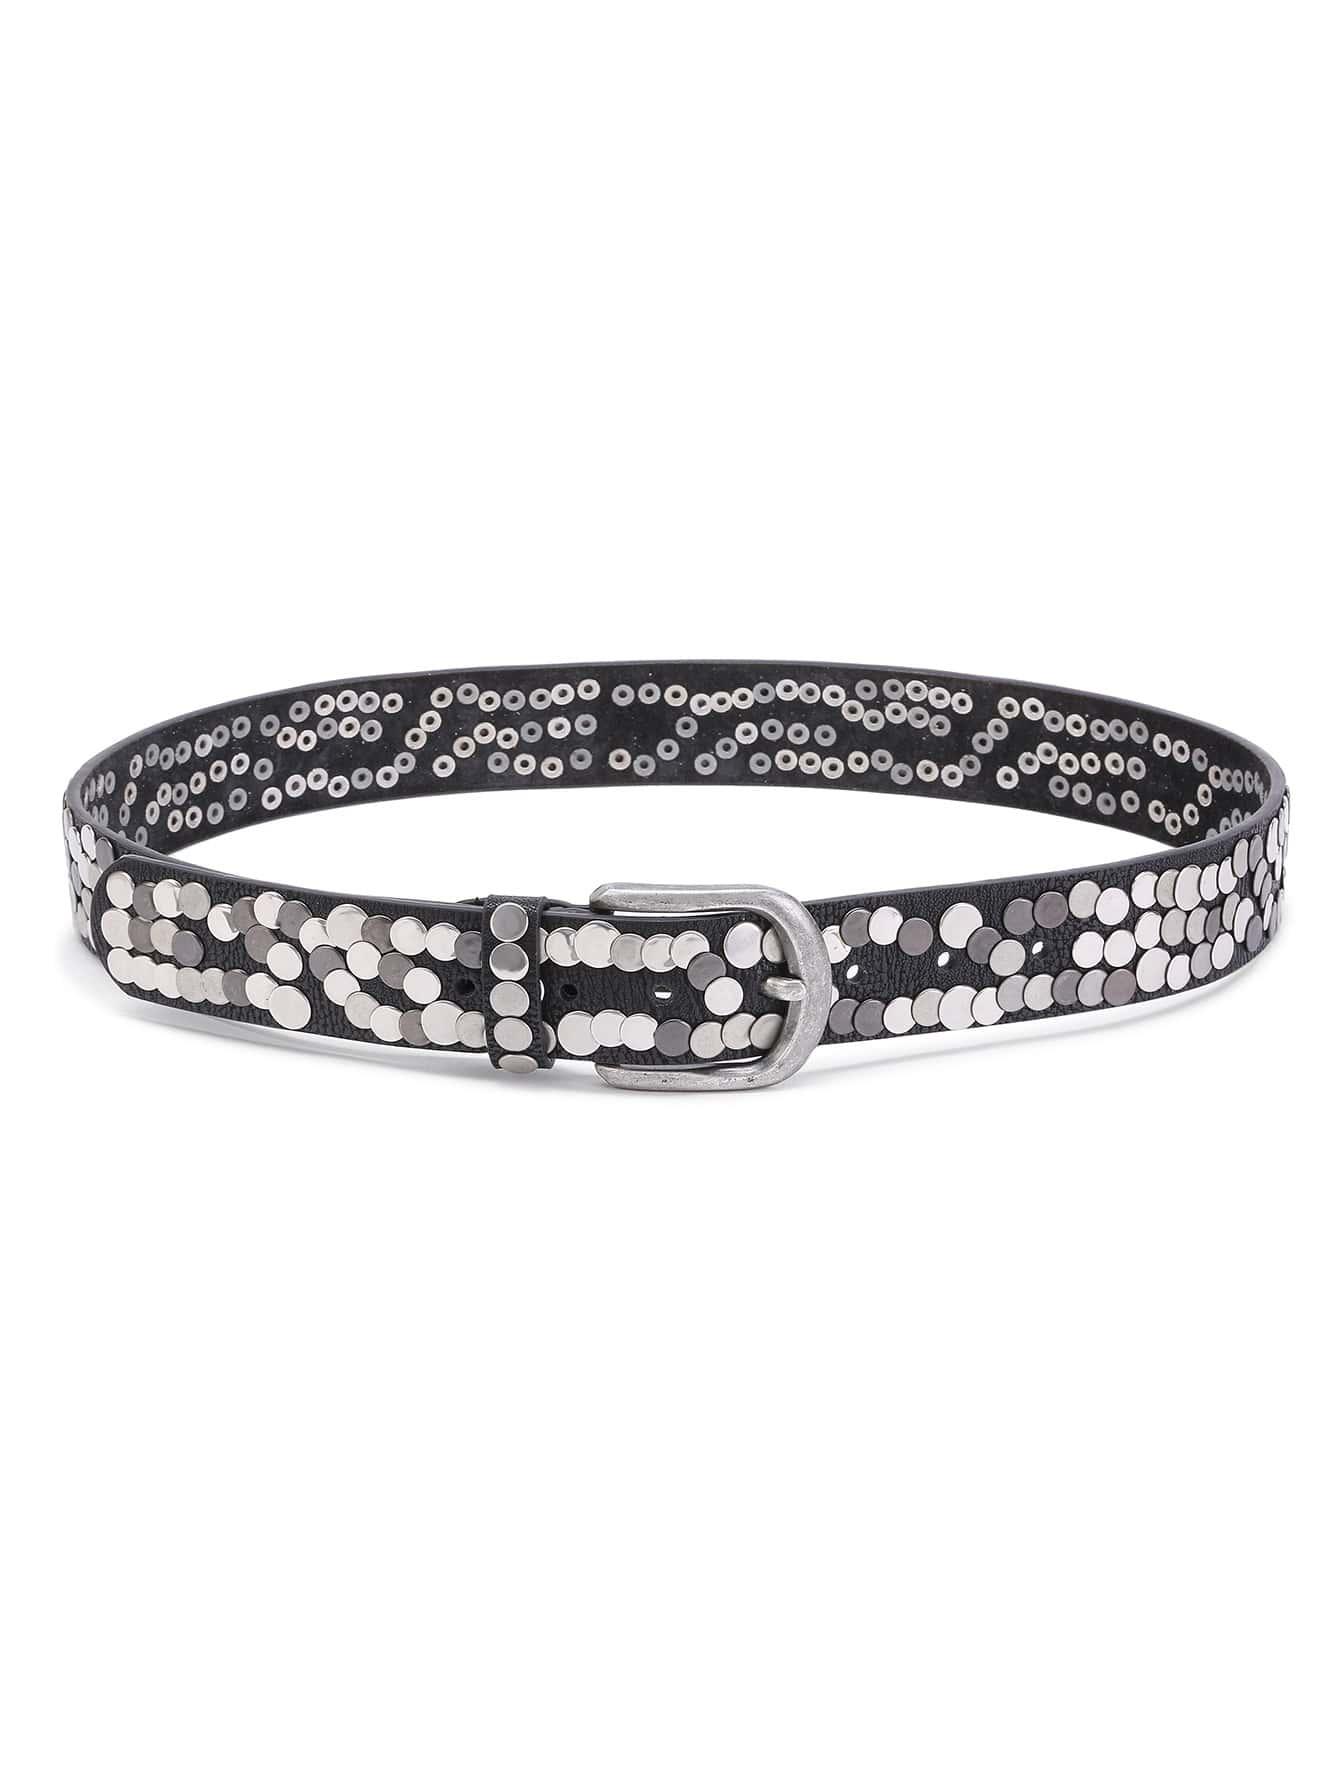 Фото Rivet Embellished Metal Buckle Belt. Купить с доставкой